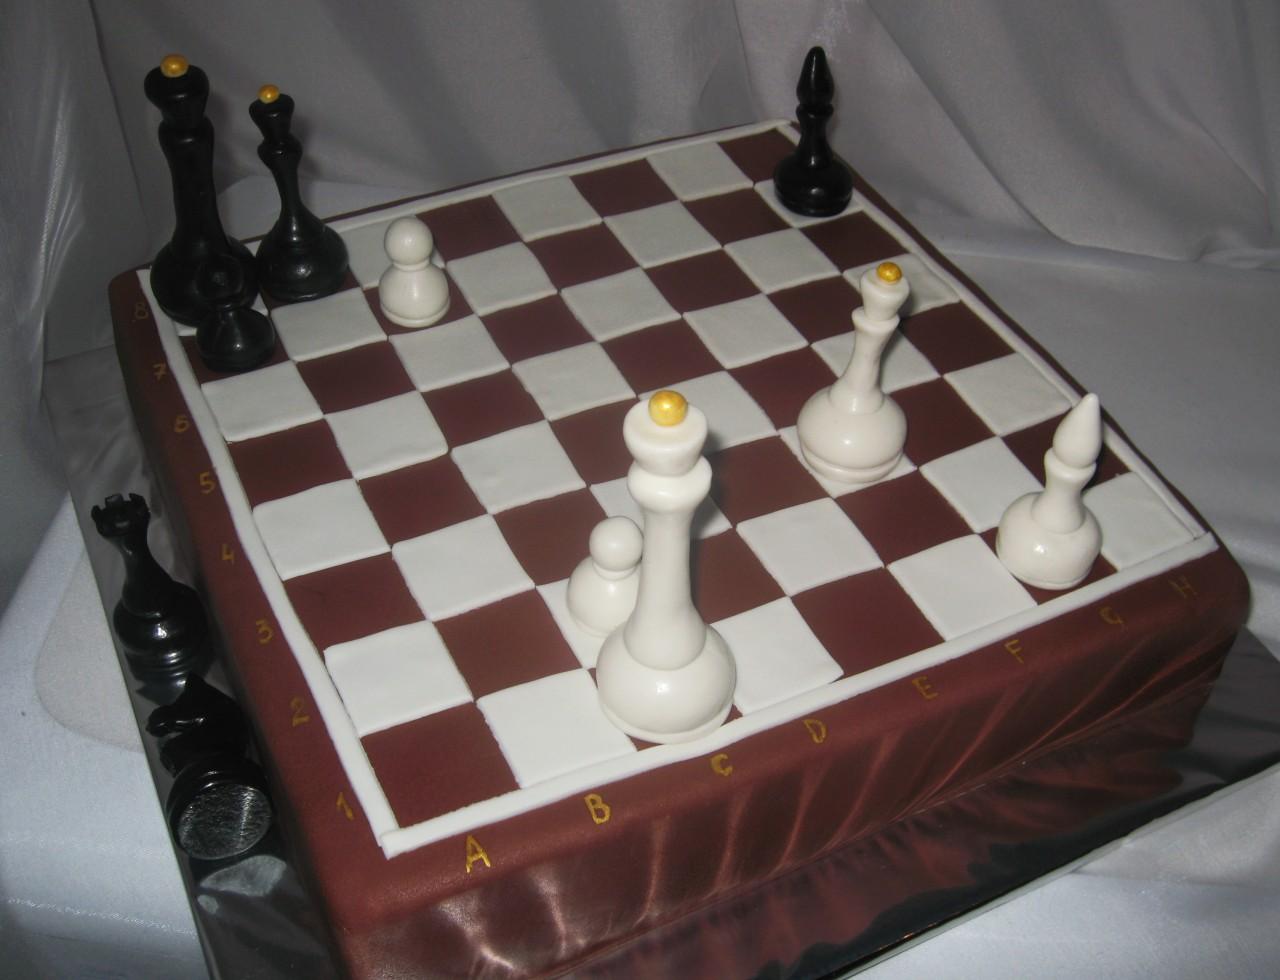 Как сделать шашки из шоколада